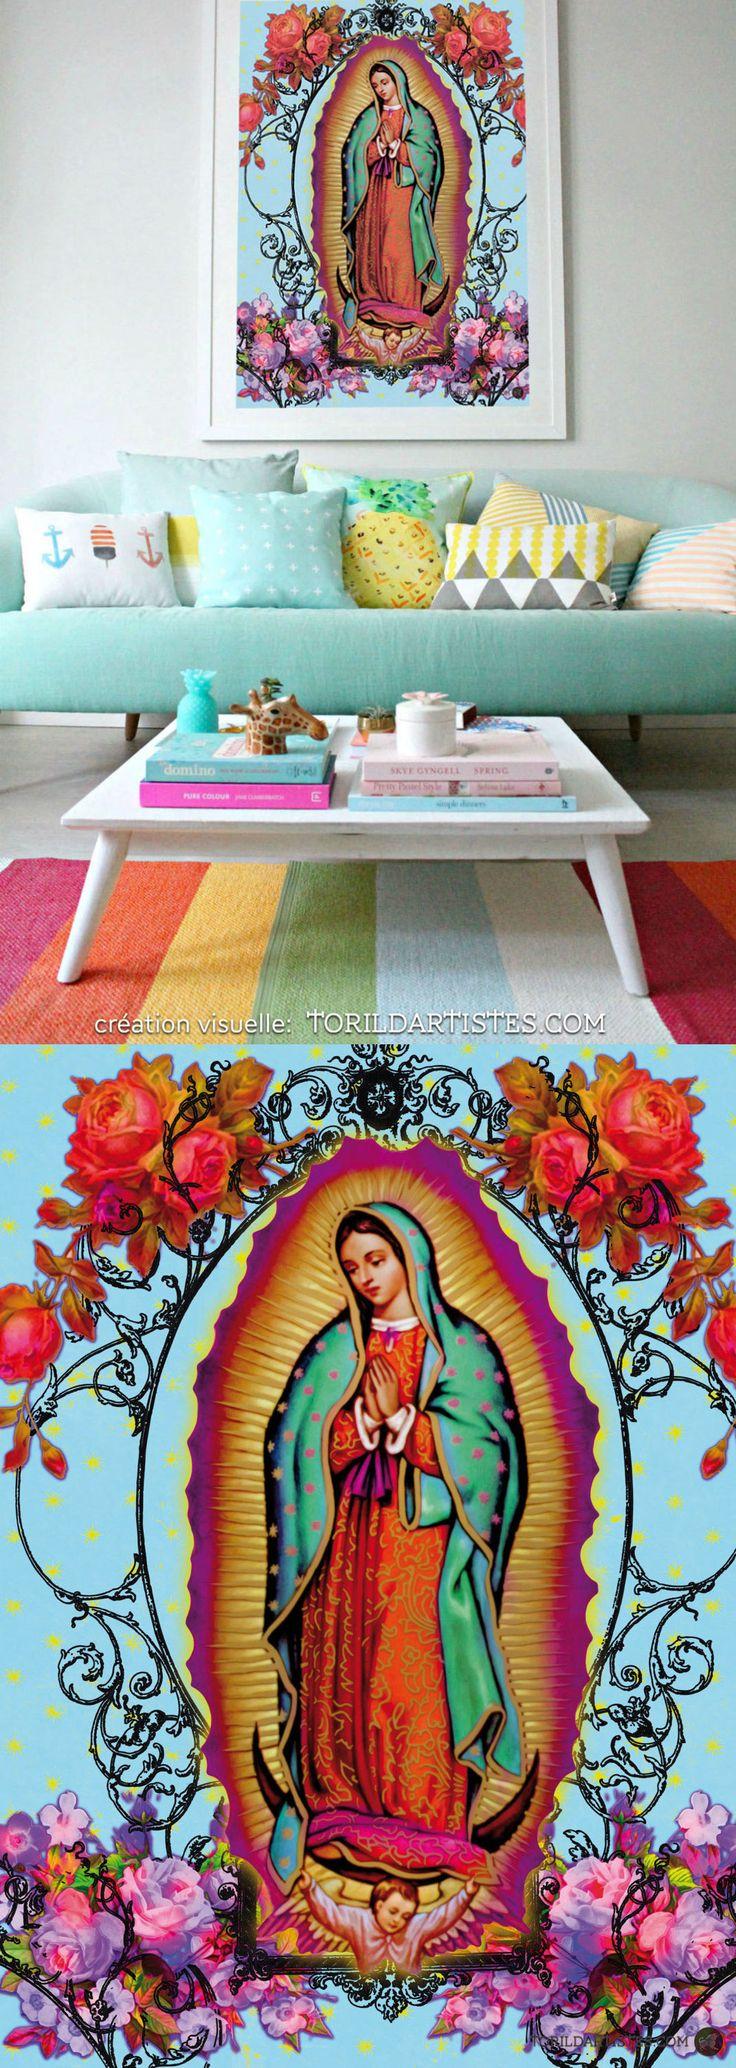 Affiche tirage limité, 125g, Notre Dame de Guadalupe, Sainte Patrône du Mexique - Art, Art mural, décoration, Art Print, affiche, Illustration, dessin, peinture, numérique,oeuvre